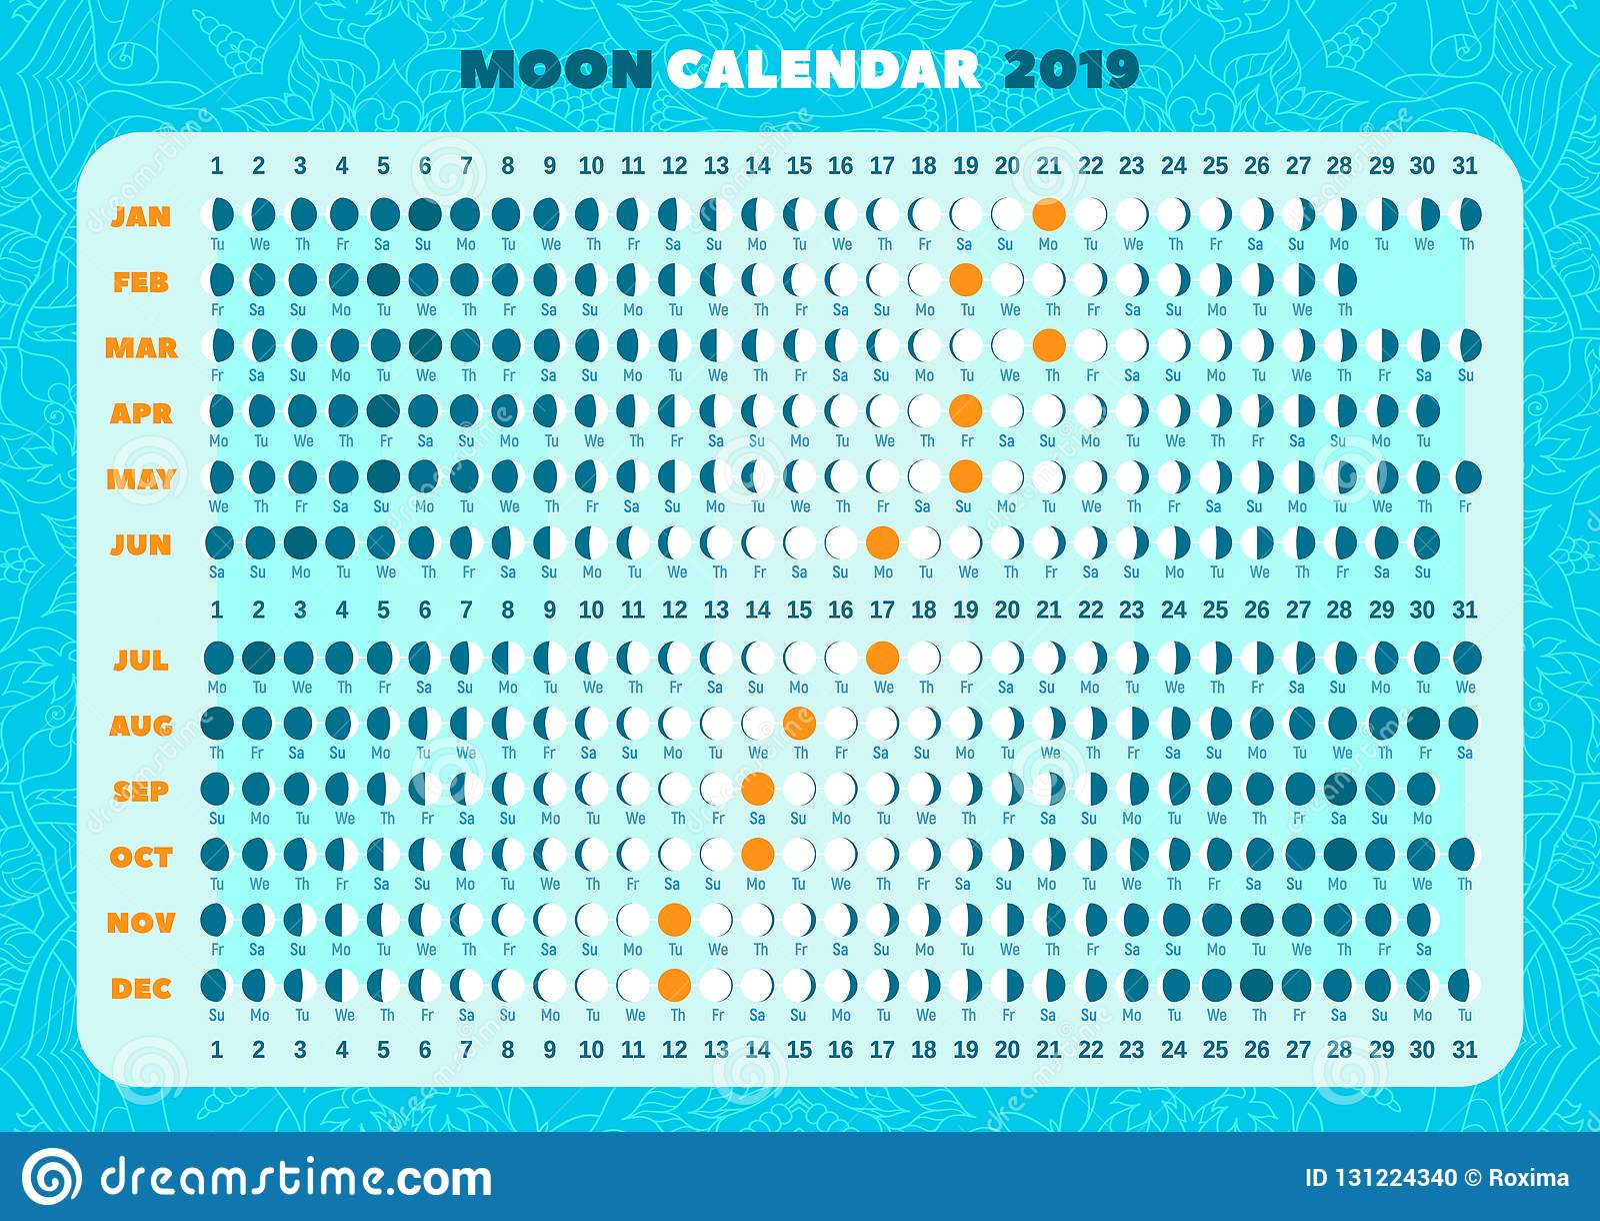 Simboli Luna Calendario.Alendar Delle Fasi Lunari Per Ogni Giorno Illustrazione